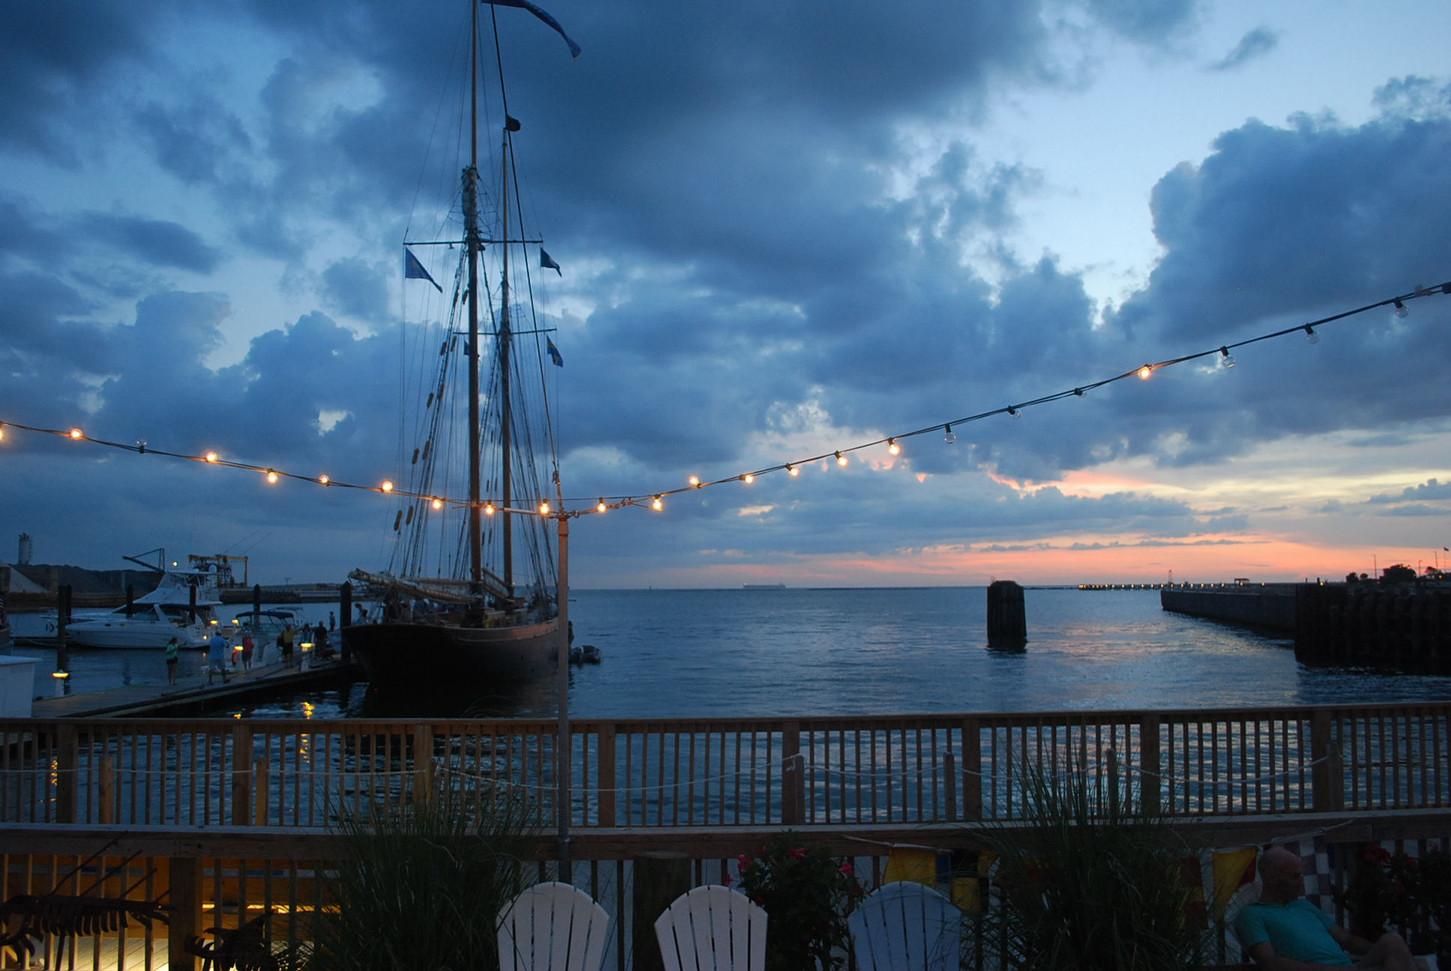 6-Tall-ship-at-sunset-July-4th.jpg